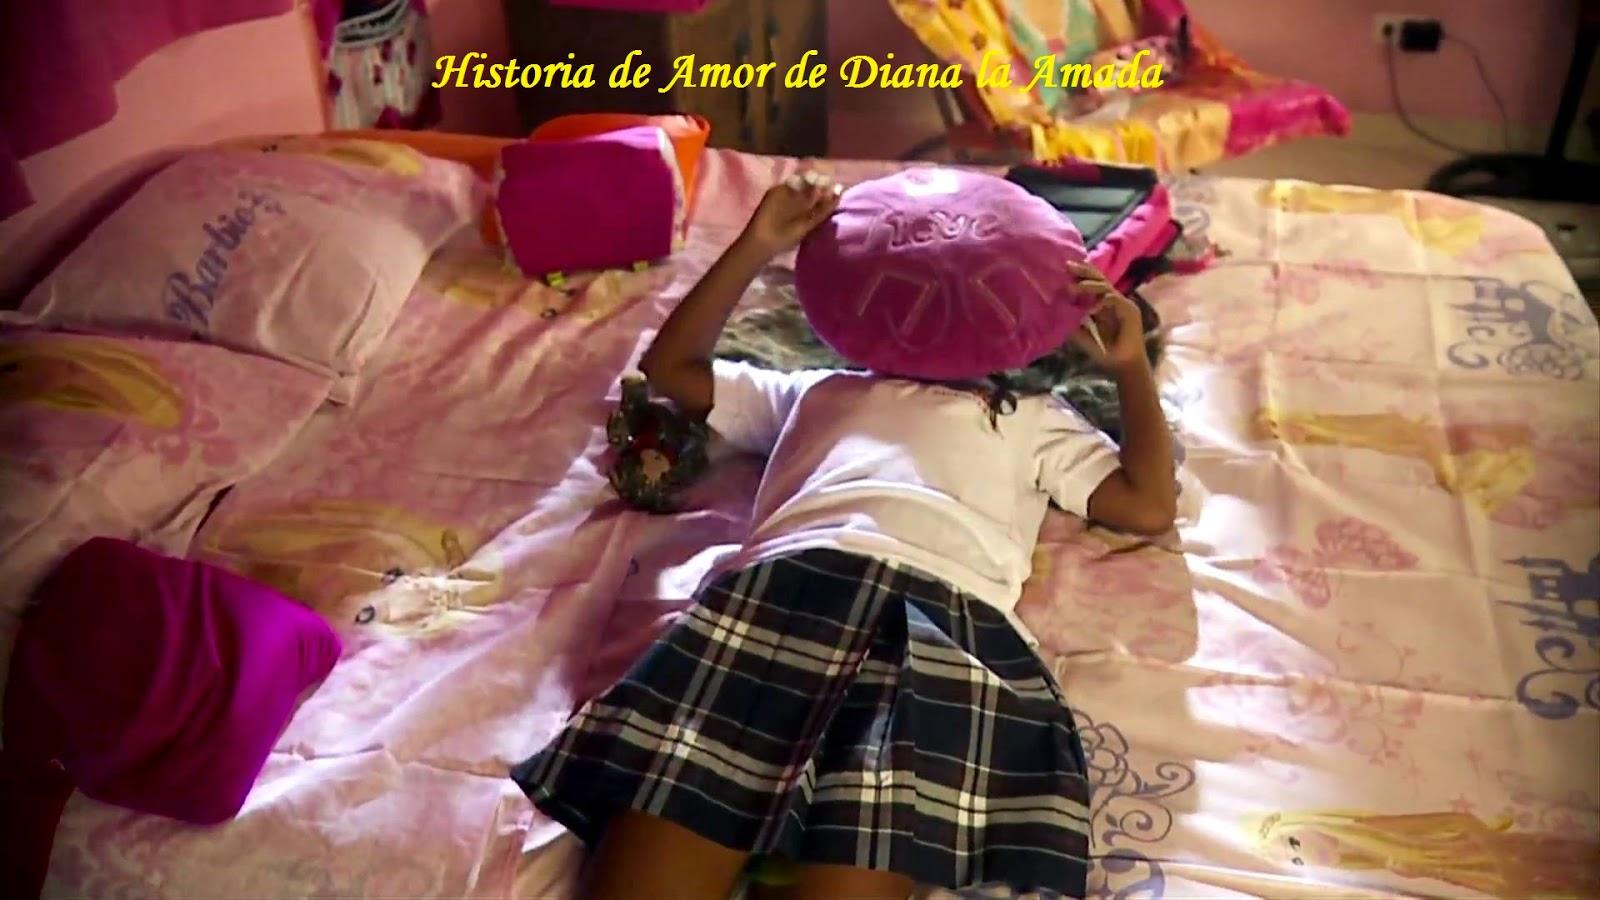 Historia de Amor: Diana la Amada